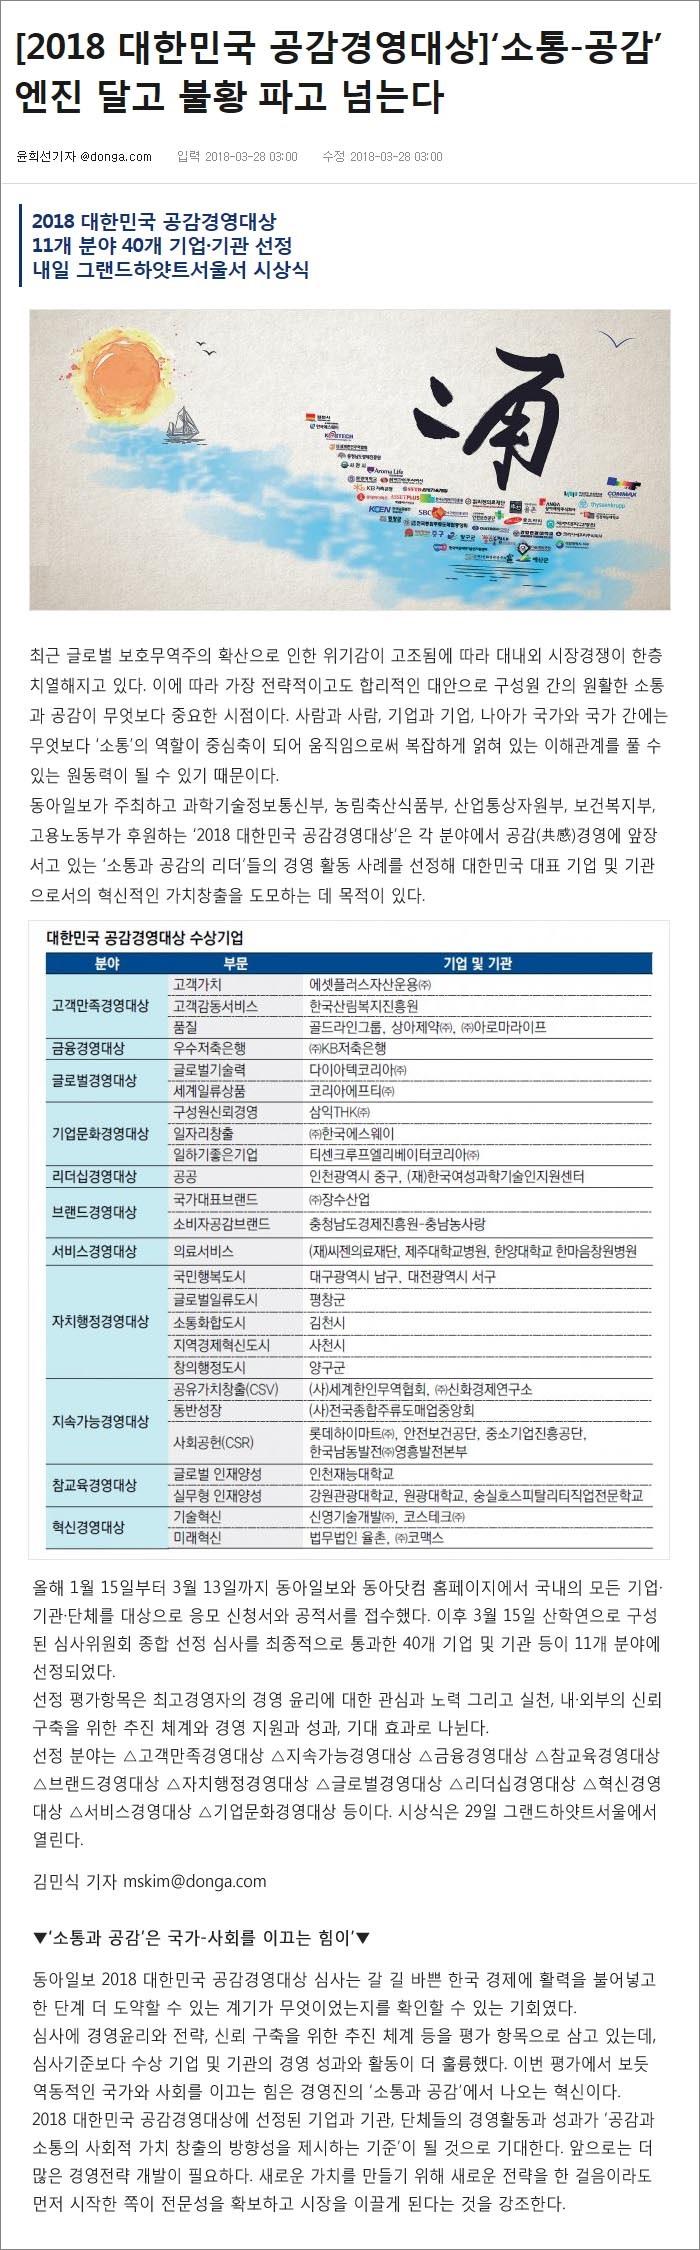 2018-03-30동아일보 사본.jpg